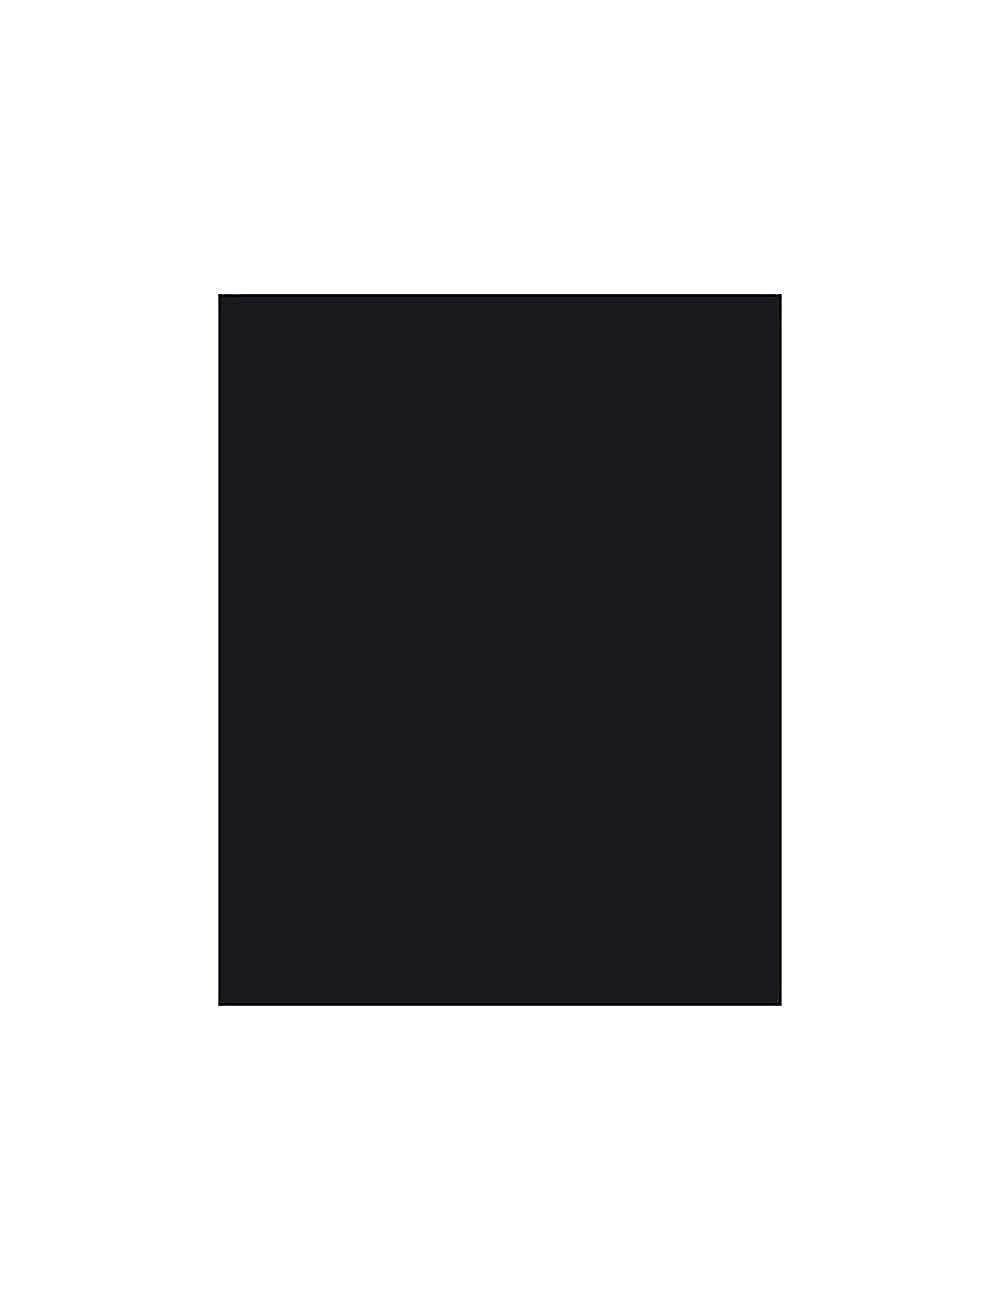 YISEVEN Guantes sin dedo para Hombre Invierno de Cuero de Oveja de Real Piel de corder Medio Dedo de patr/ón de diamante sin Forroda Corto Mu/ñeca con bot/ón de Conducci/ón Moto Ciclismo regalo